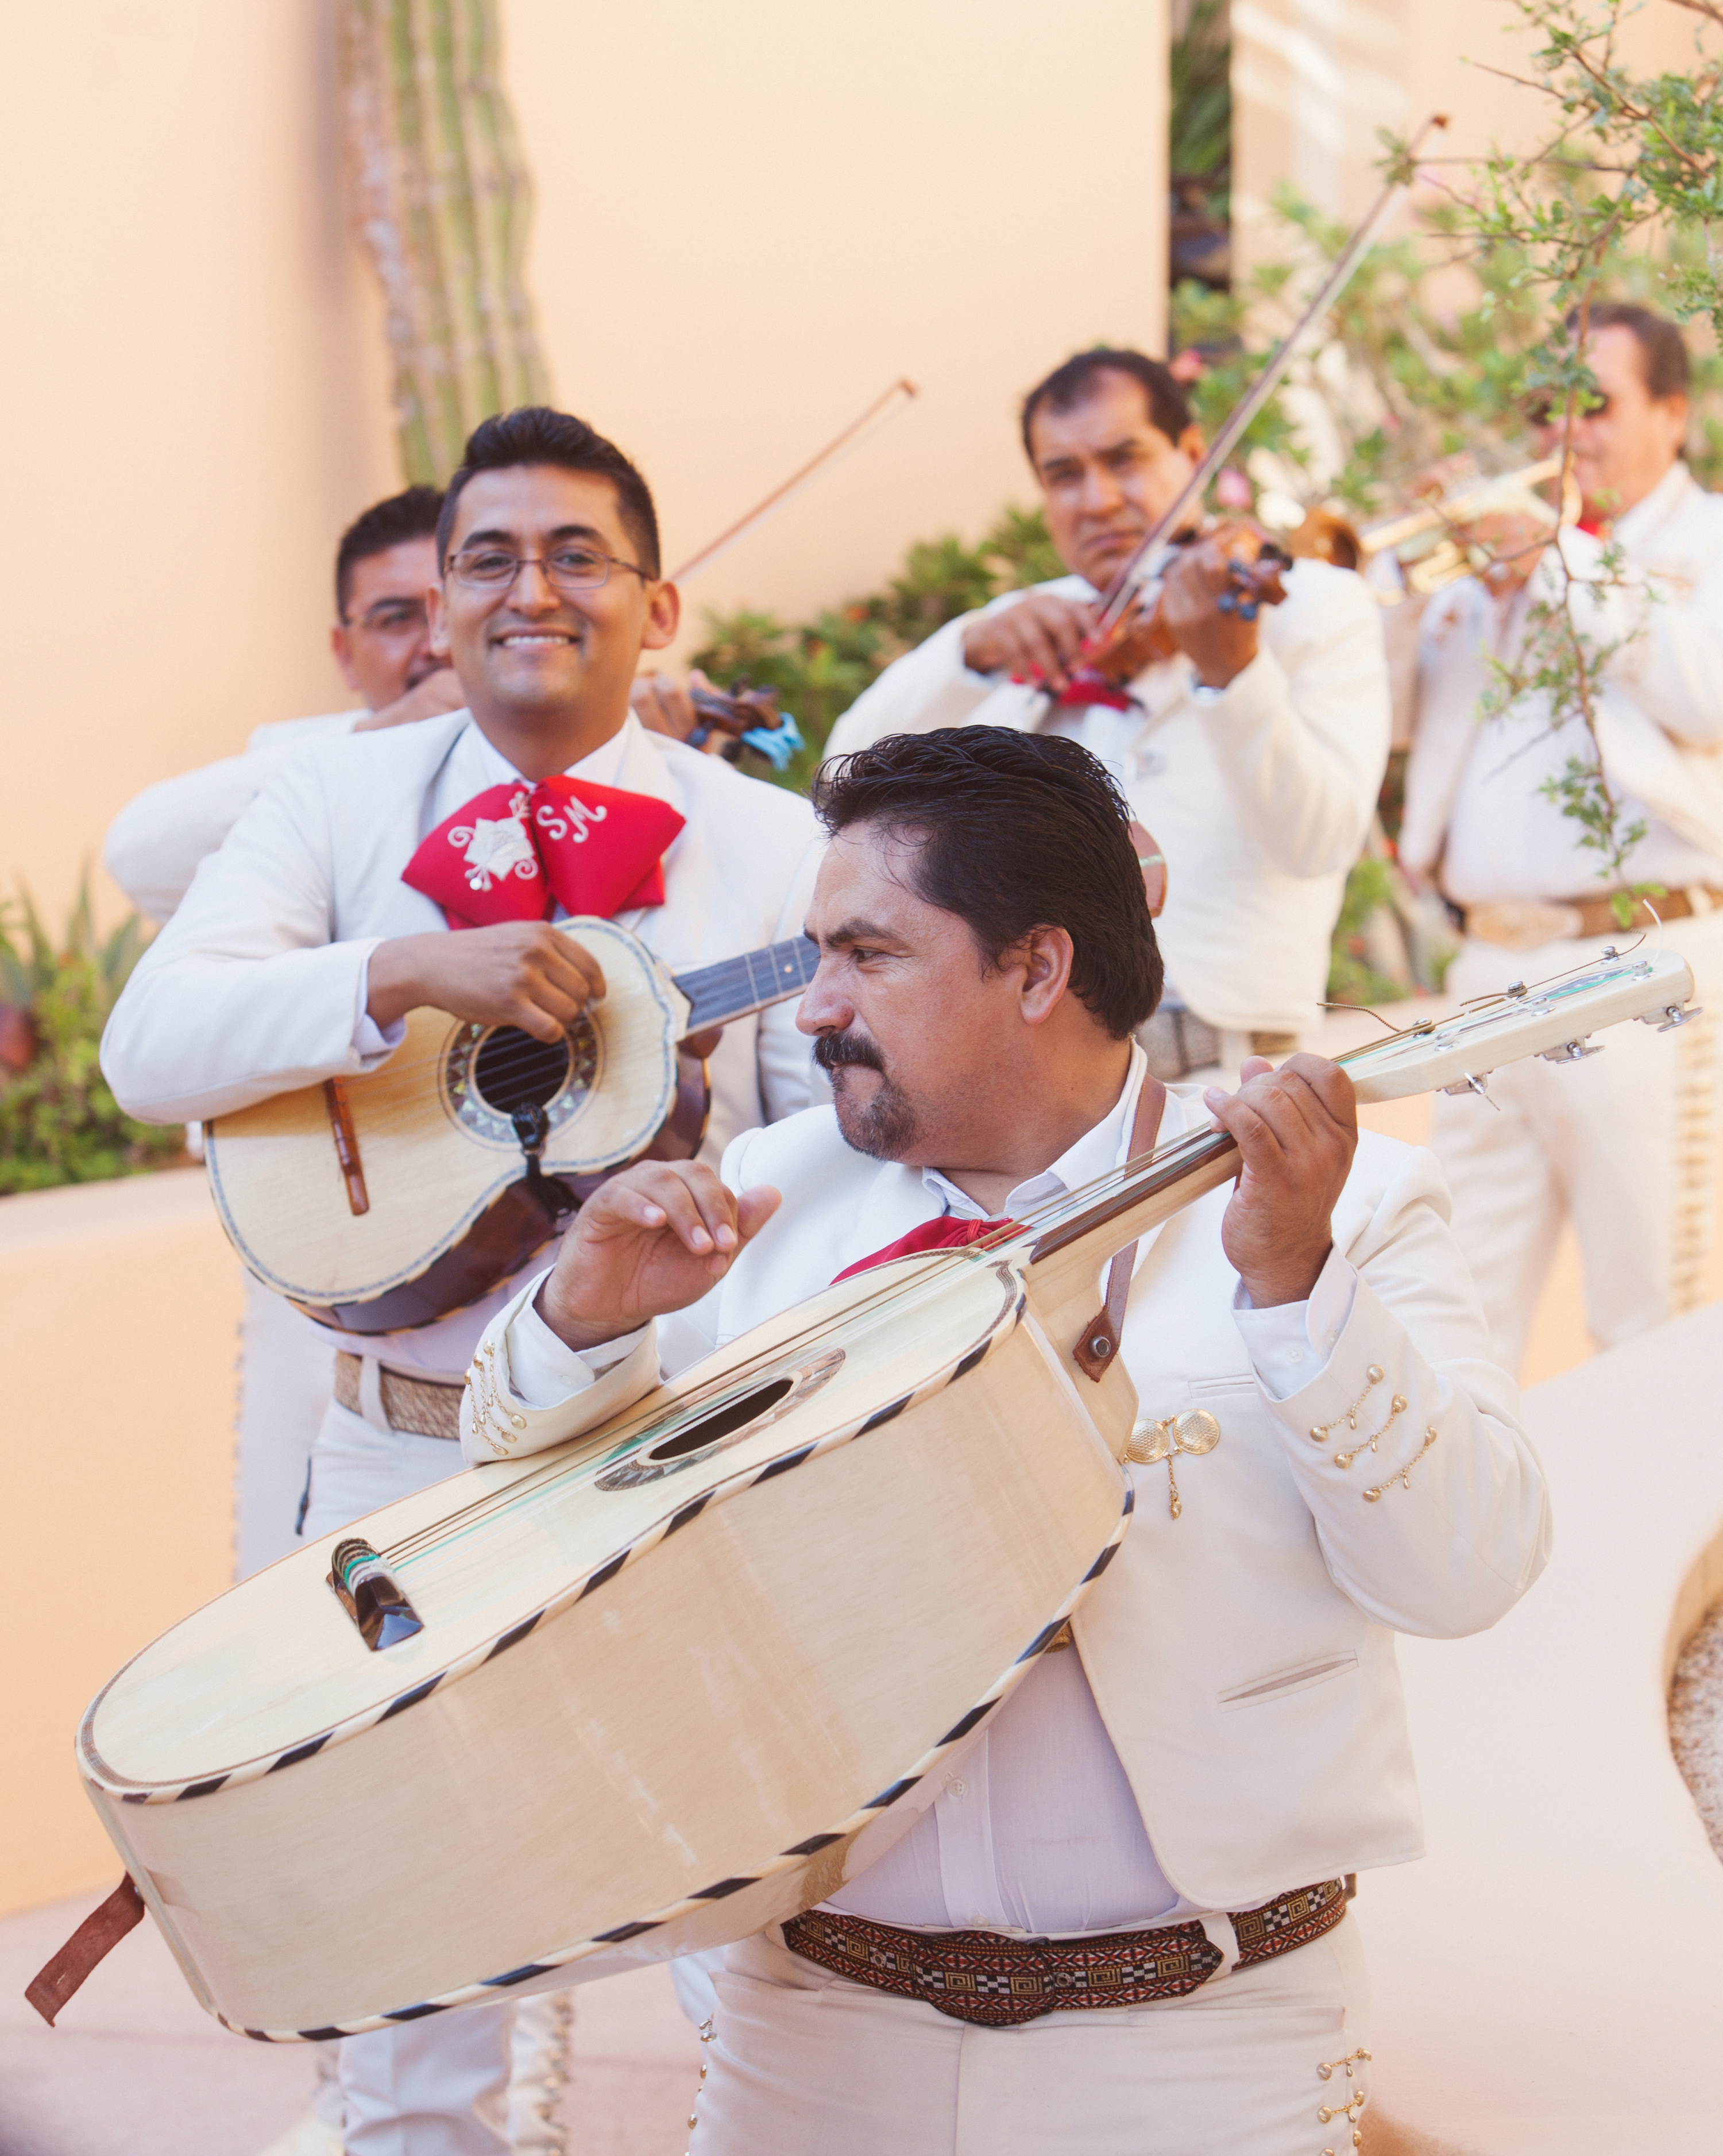 veronica-mathieu-wedding-music-0876-s111501-1014.jpg